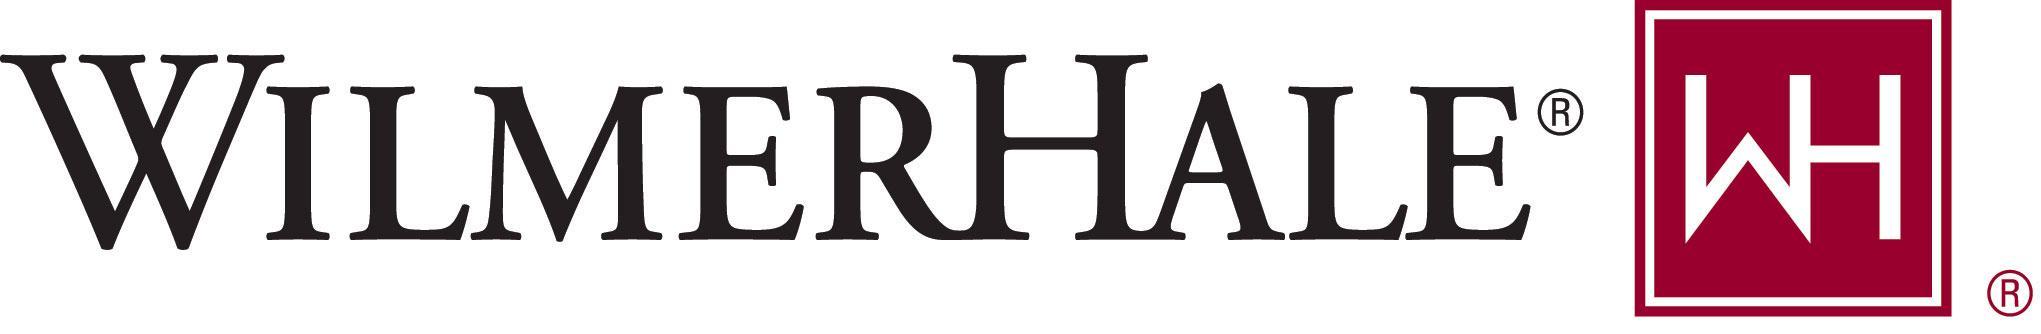 WilmerHale Logo.jpg